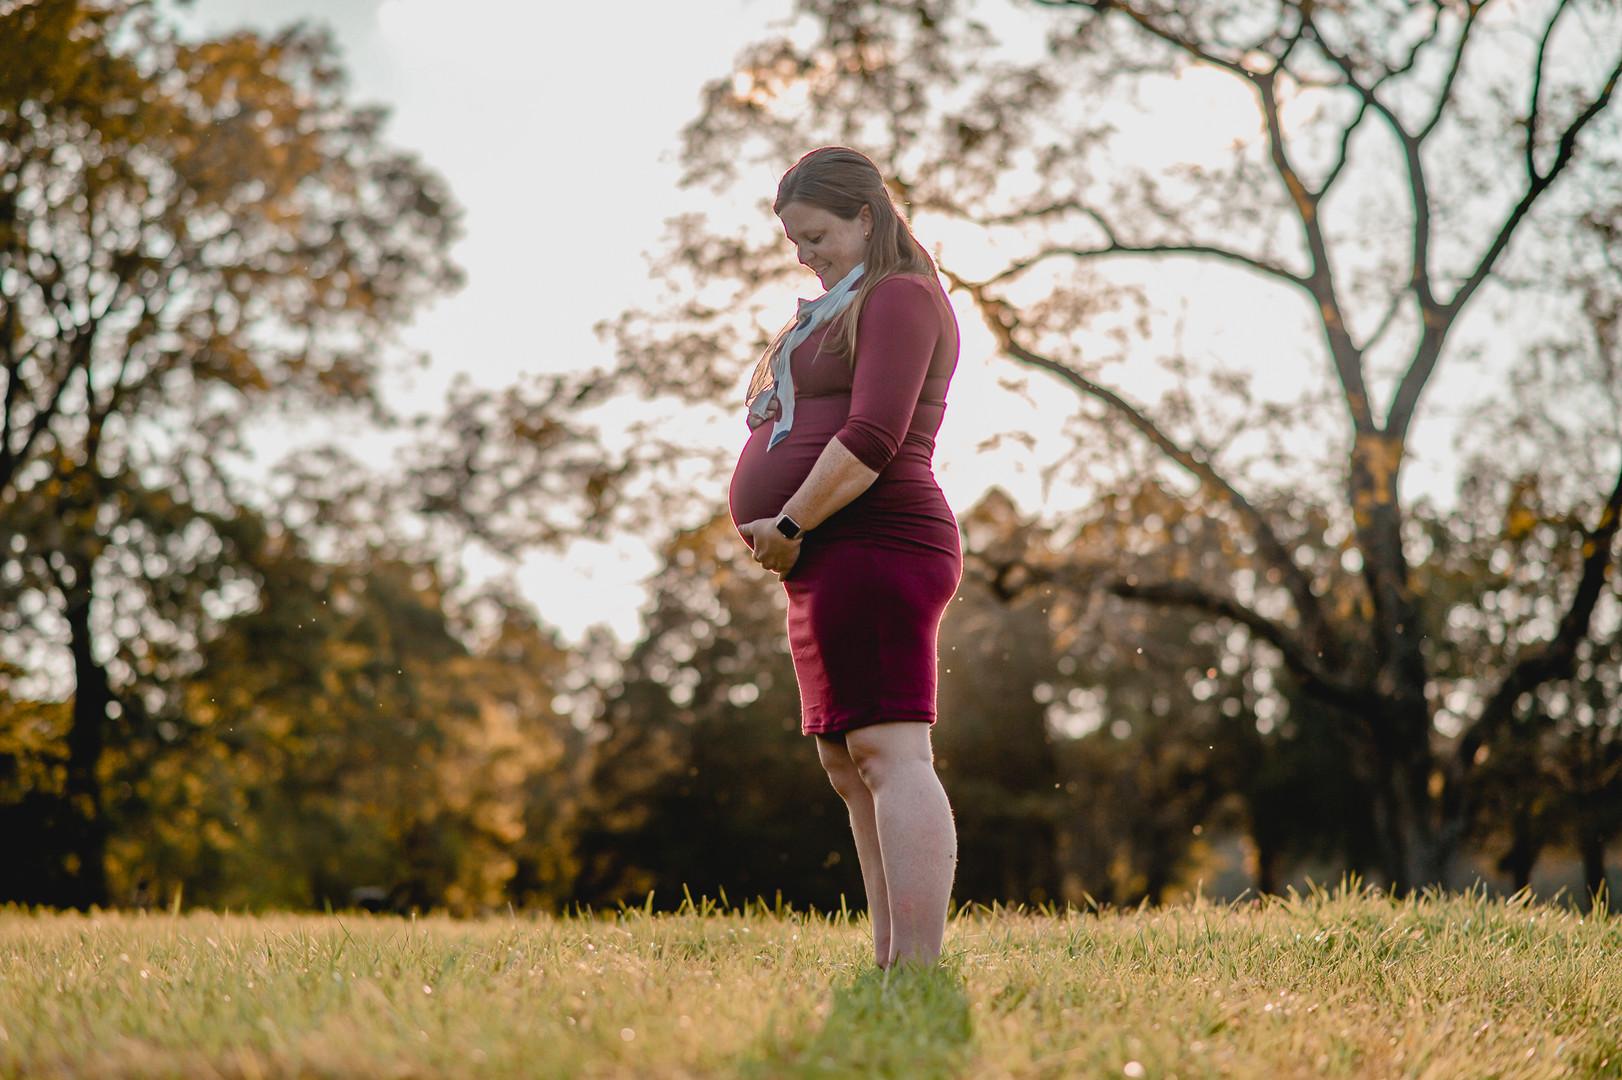 09282020-Megan+Logan-Maternity-Preview-3